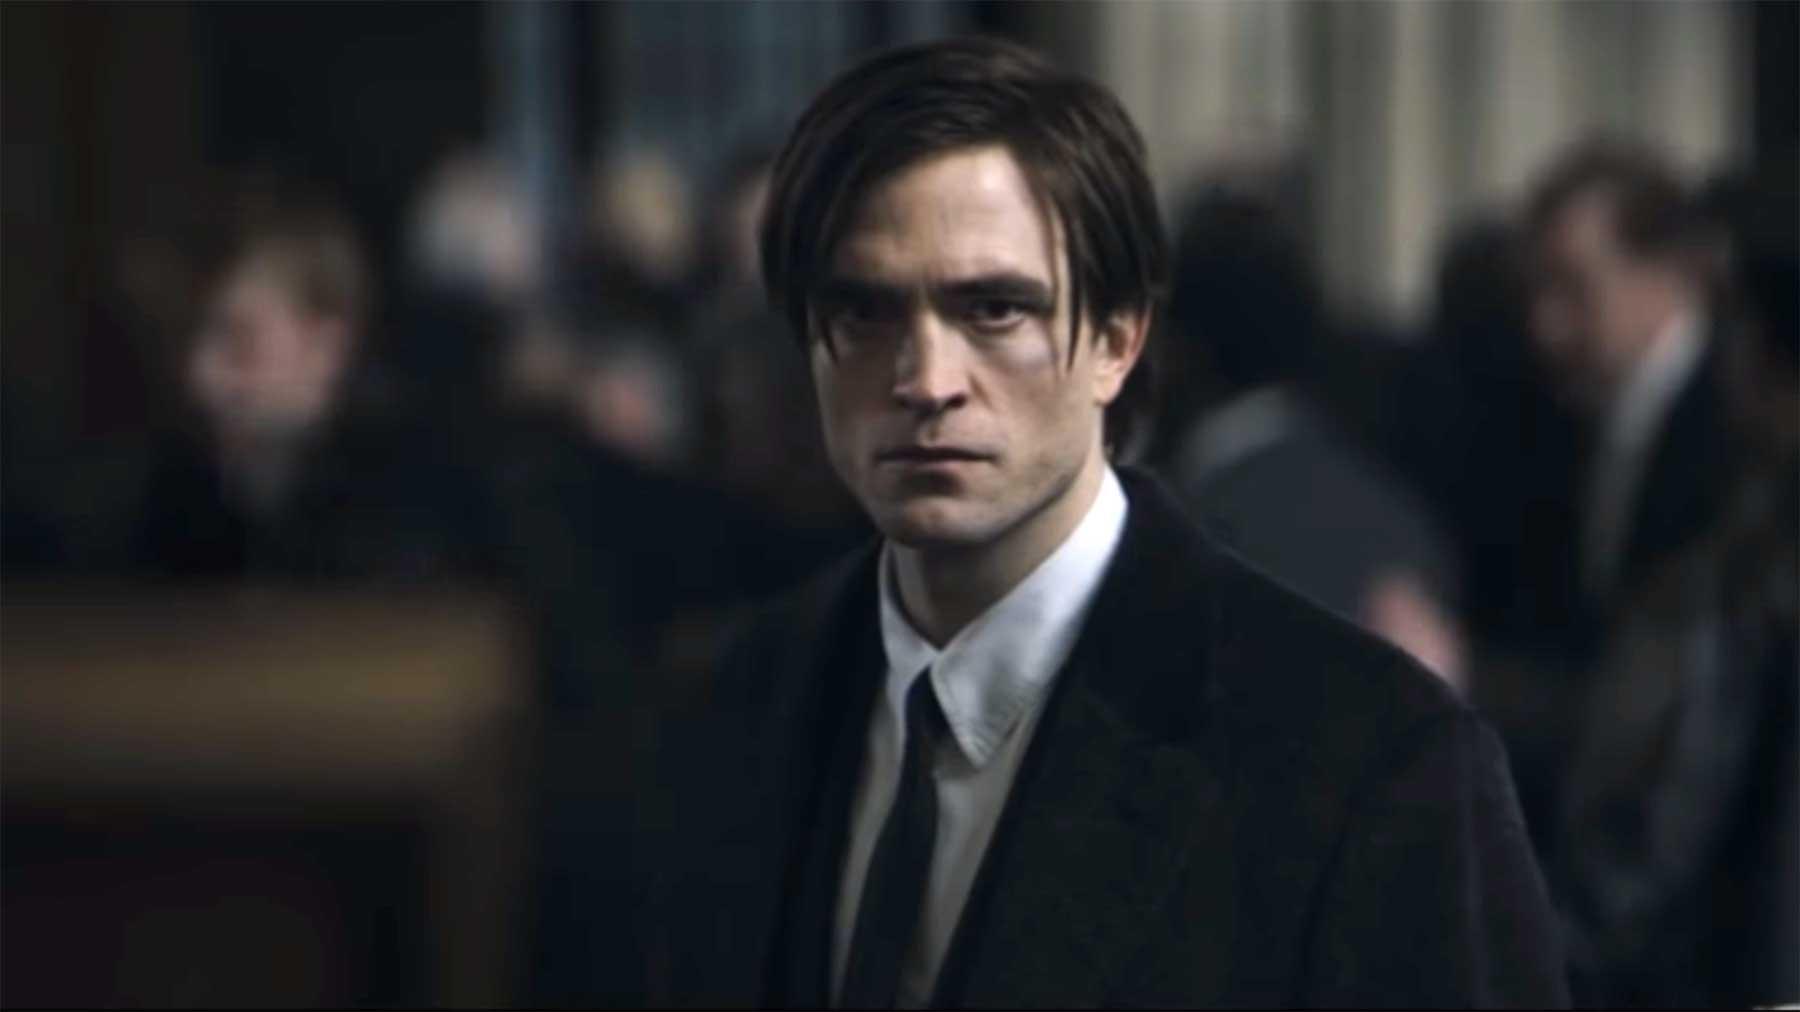 """Erster Teaser-Trailer zu """"The Batman"""" mit Robert Pattinson teaser-trailer-the-batman-robert-pattinson"""